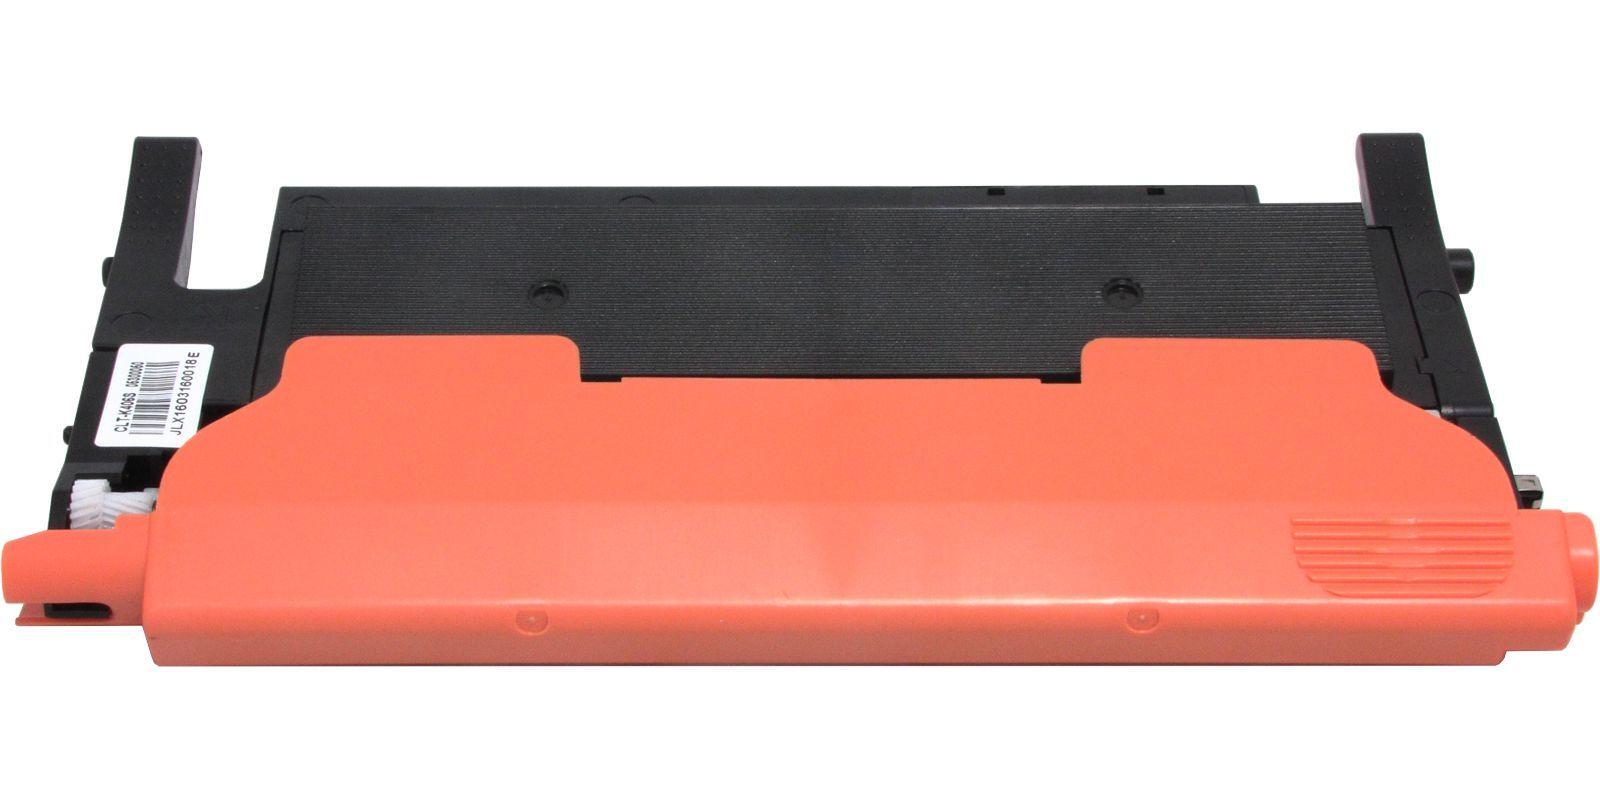 Картридж лазерный цветной MAK© CLT-C406S голубой (cyan), до 1000 стр.